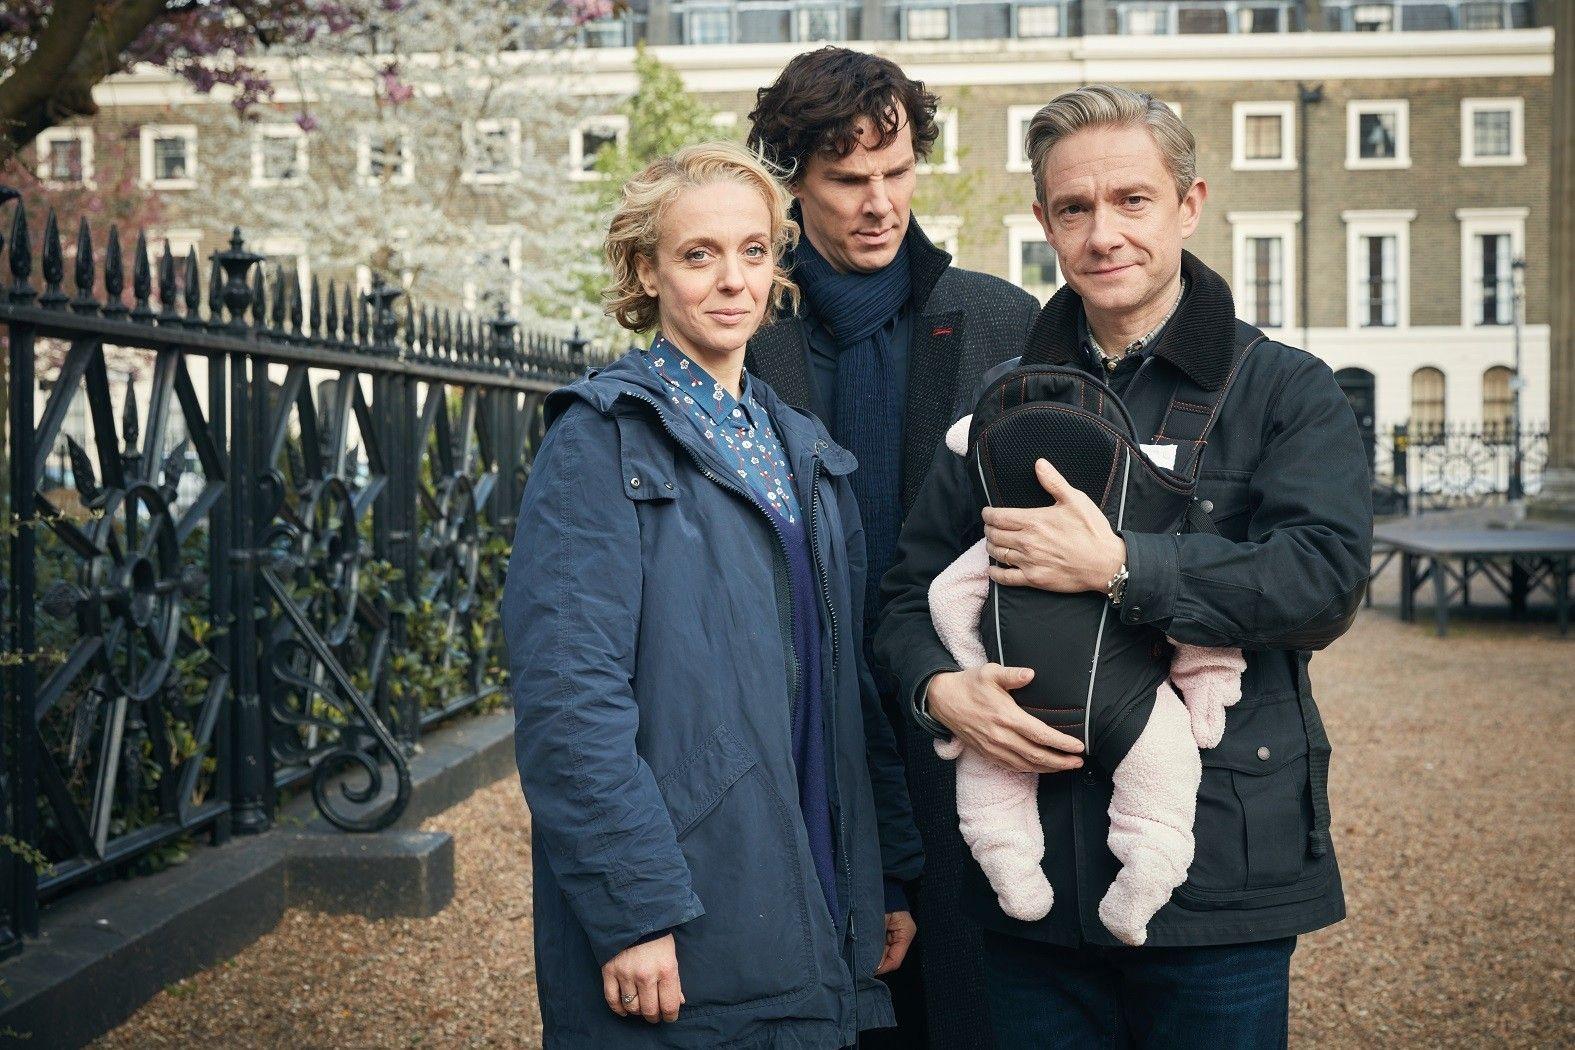 Звёзды «Шерлока» повздорили из-за фанатов сериала